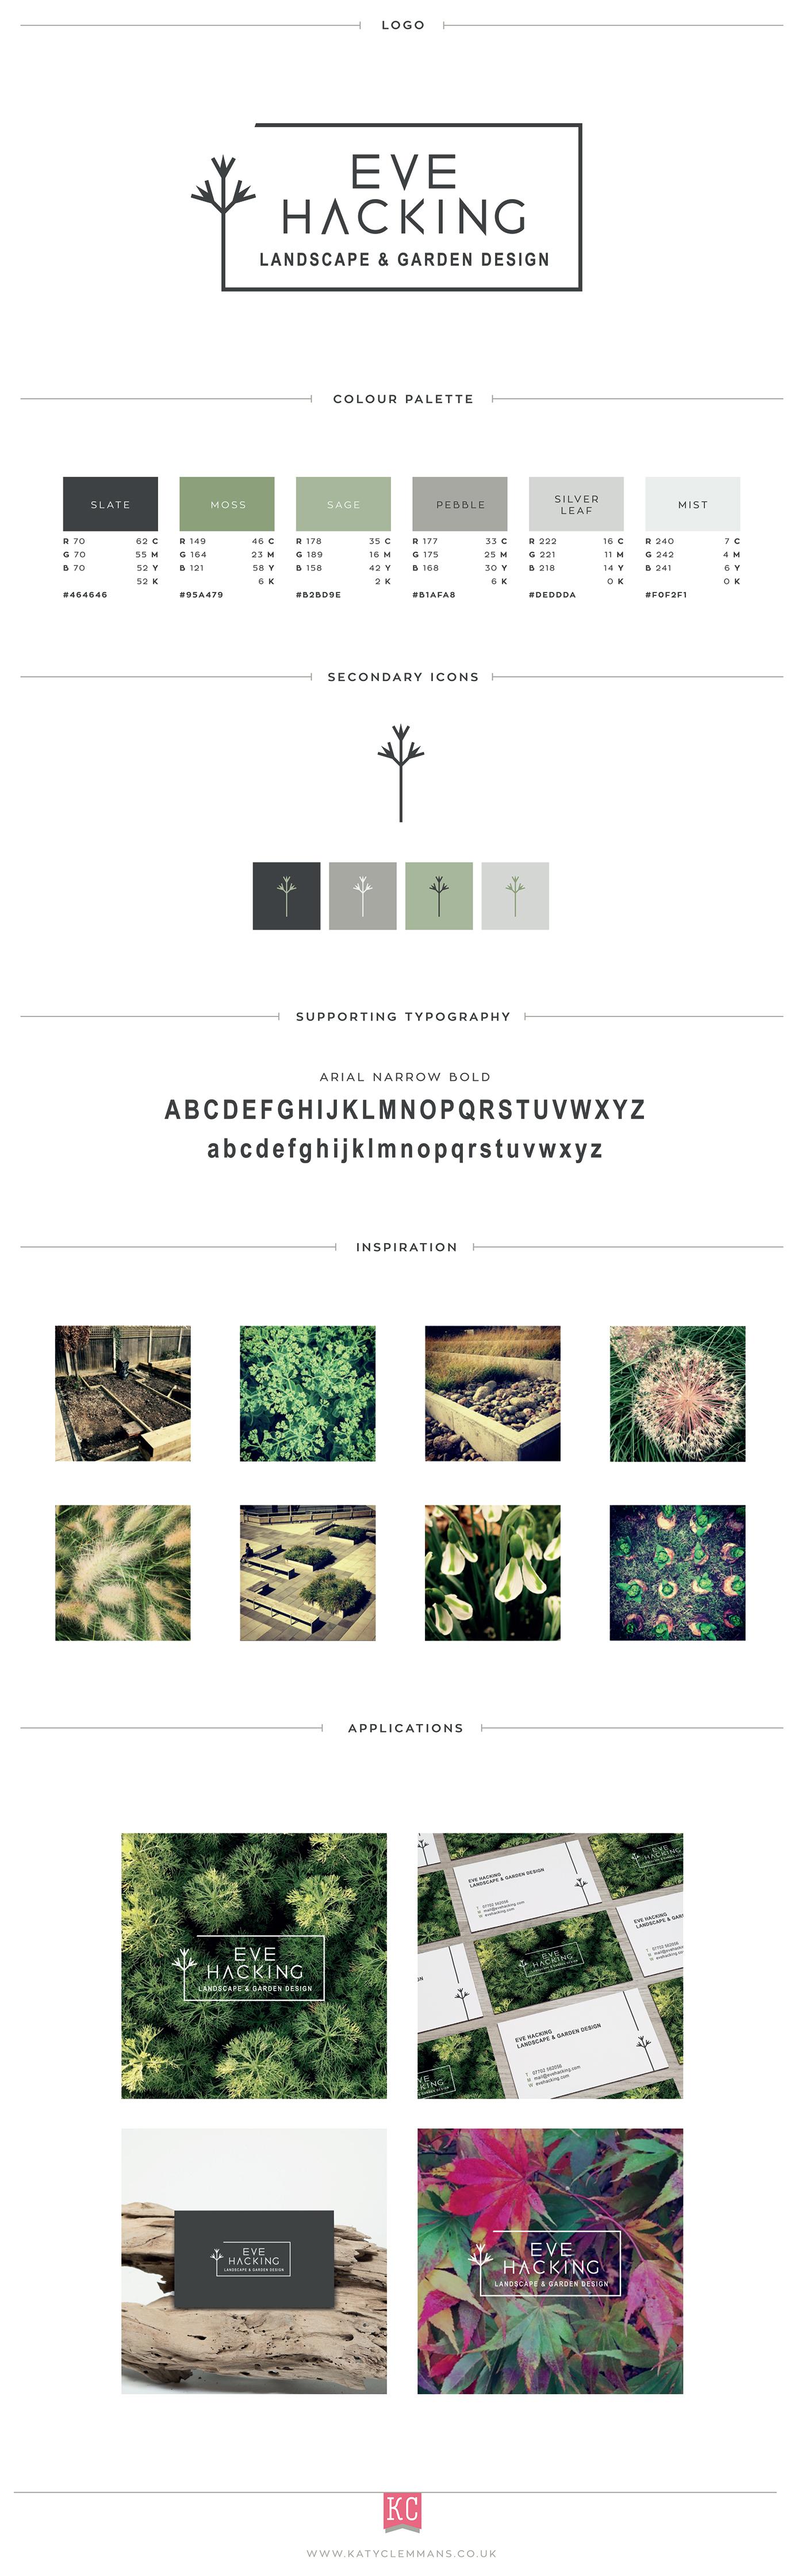 Eve Hacking Landscape Garden Design Branding On Behance Presentation Design Garden Design Simple Landscape Design